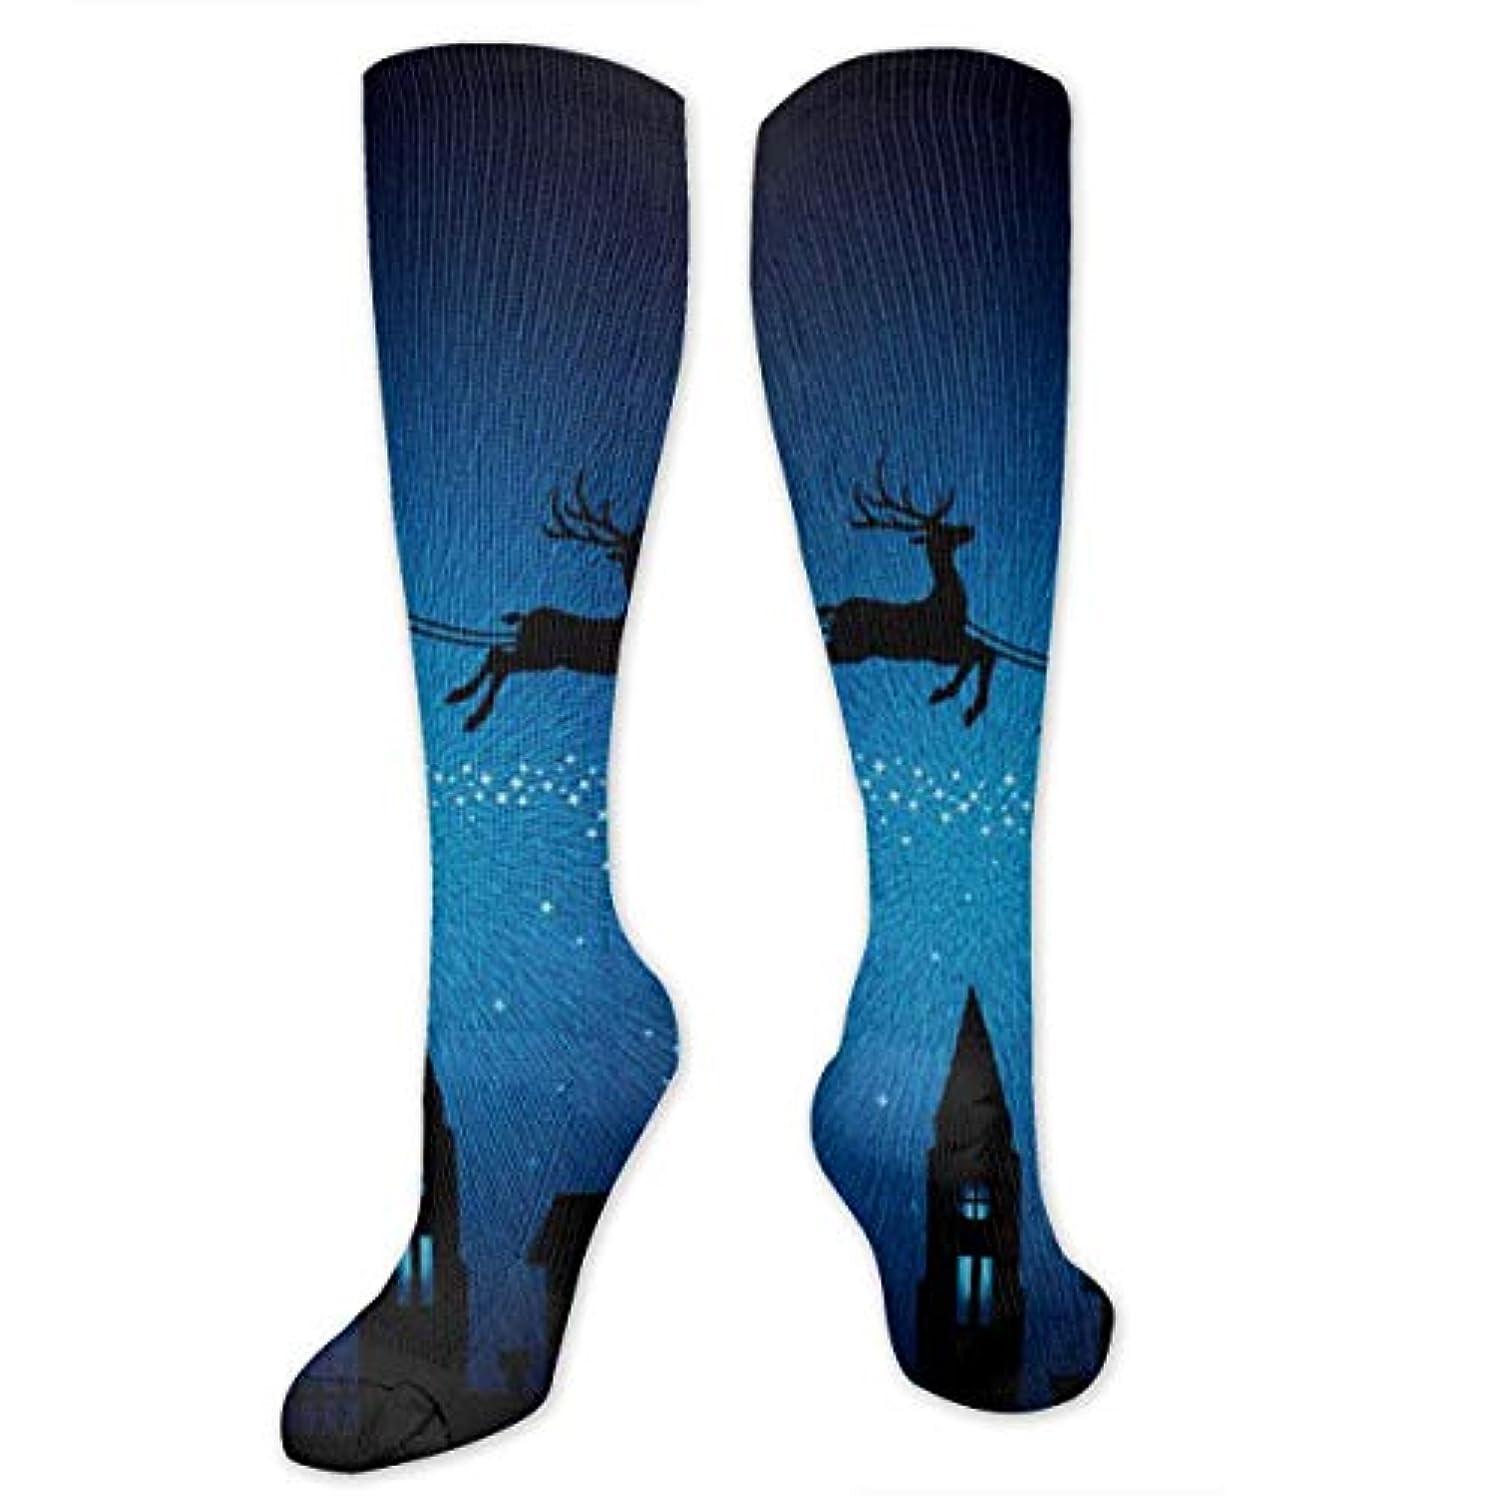 変装小道錆び靴下,ストッキング,野生のジョーカー,実際,秋の本質,冬必須,サマーウェア&RBXAA Seasons Santa Sleigh Xmas Socks Women's Winter Cotton Long Tube Socks...